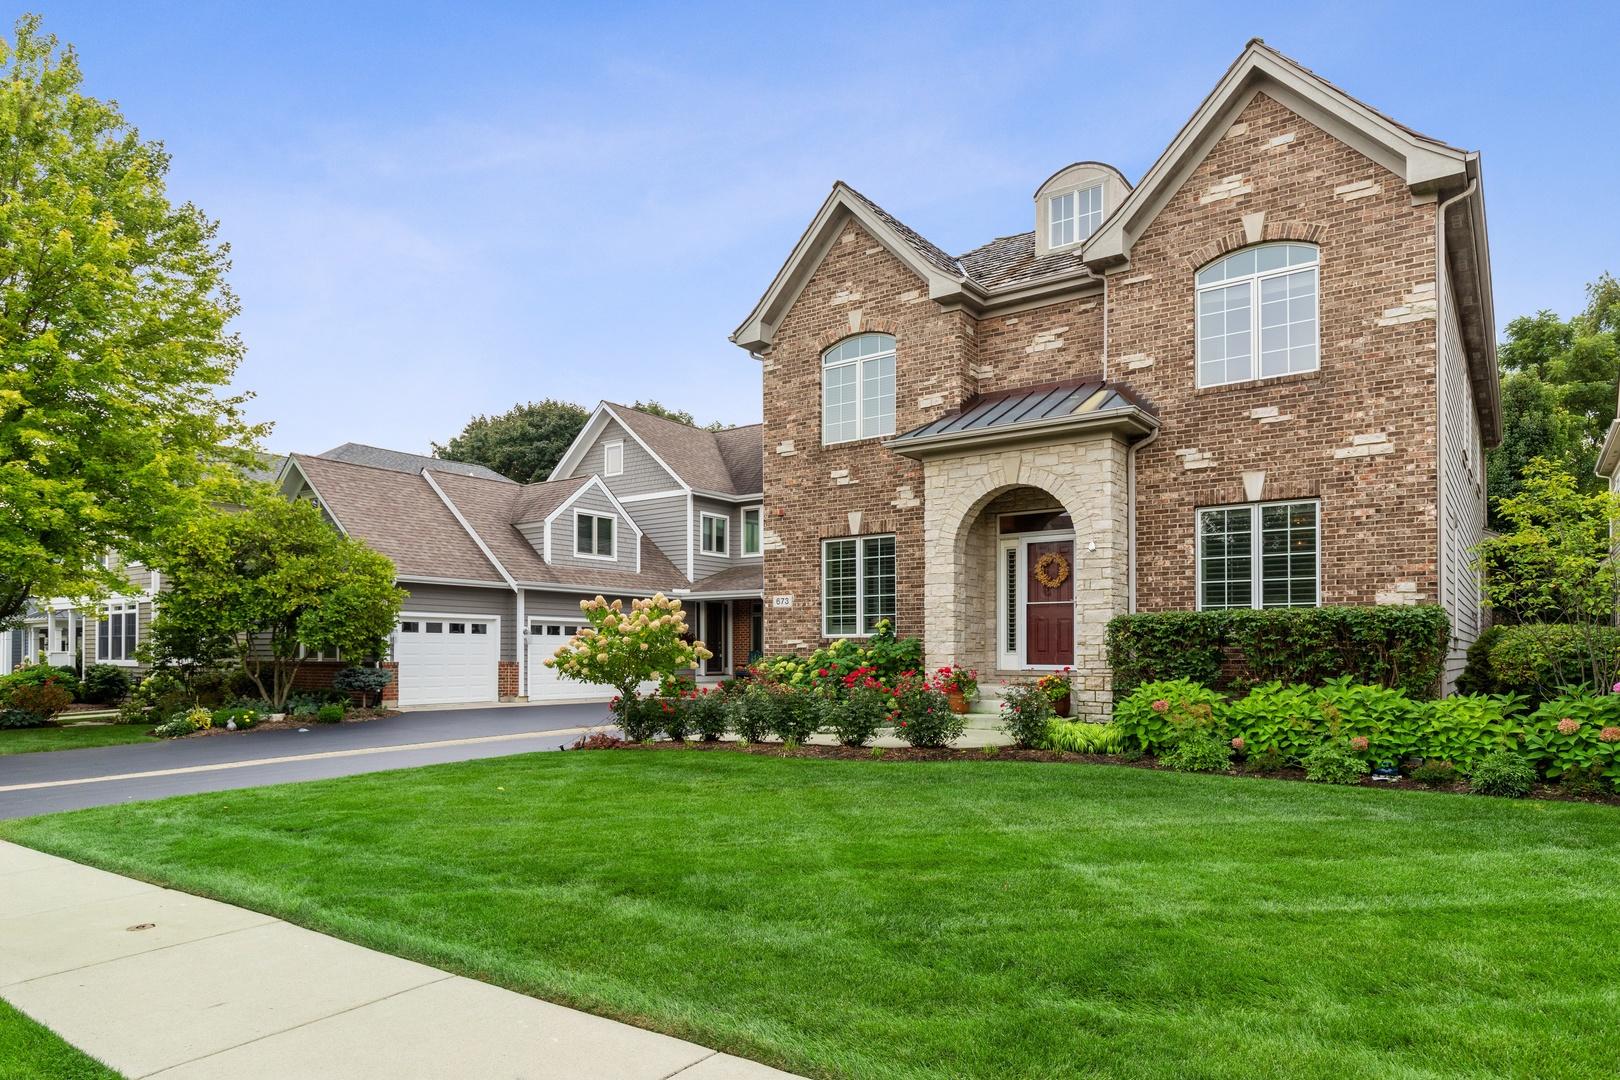 673 East Sunnyside Avenue, Libertyville, Illinois 60048